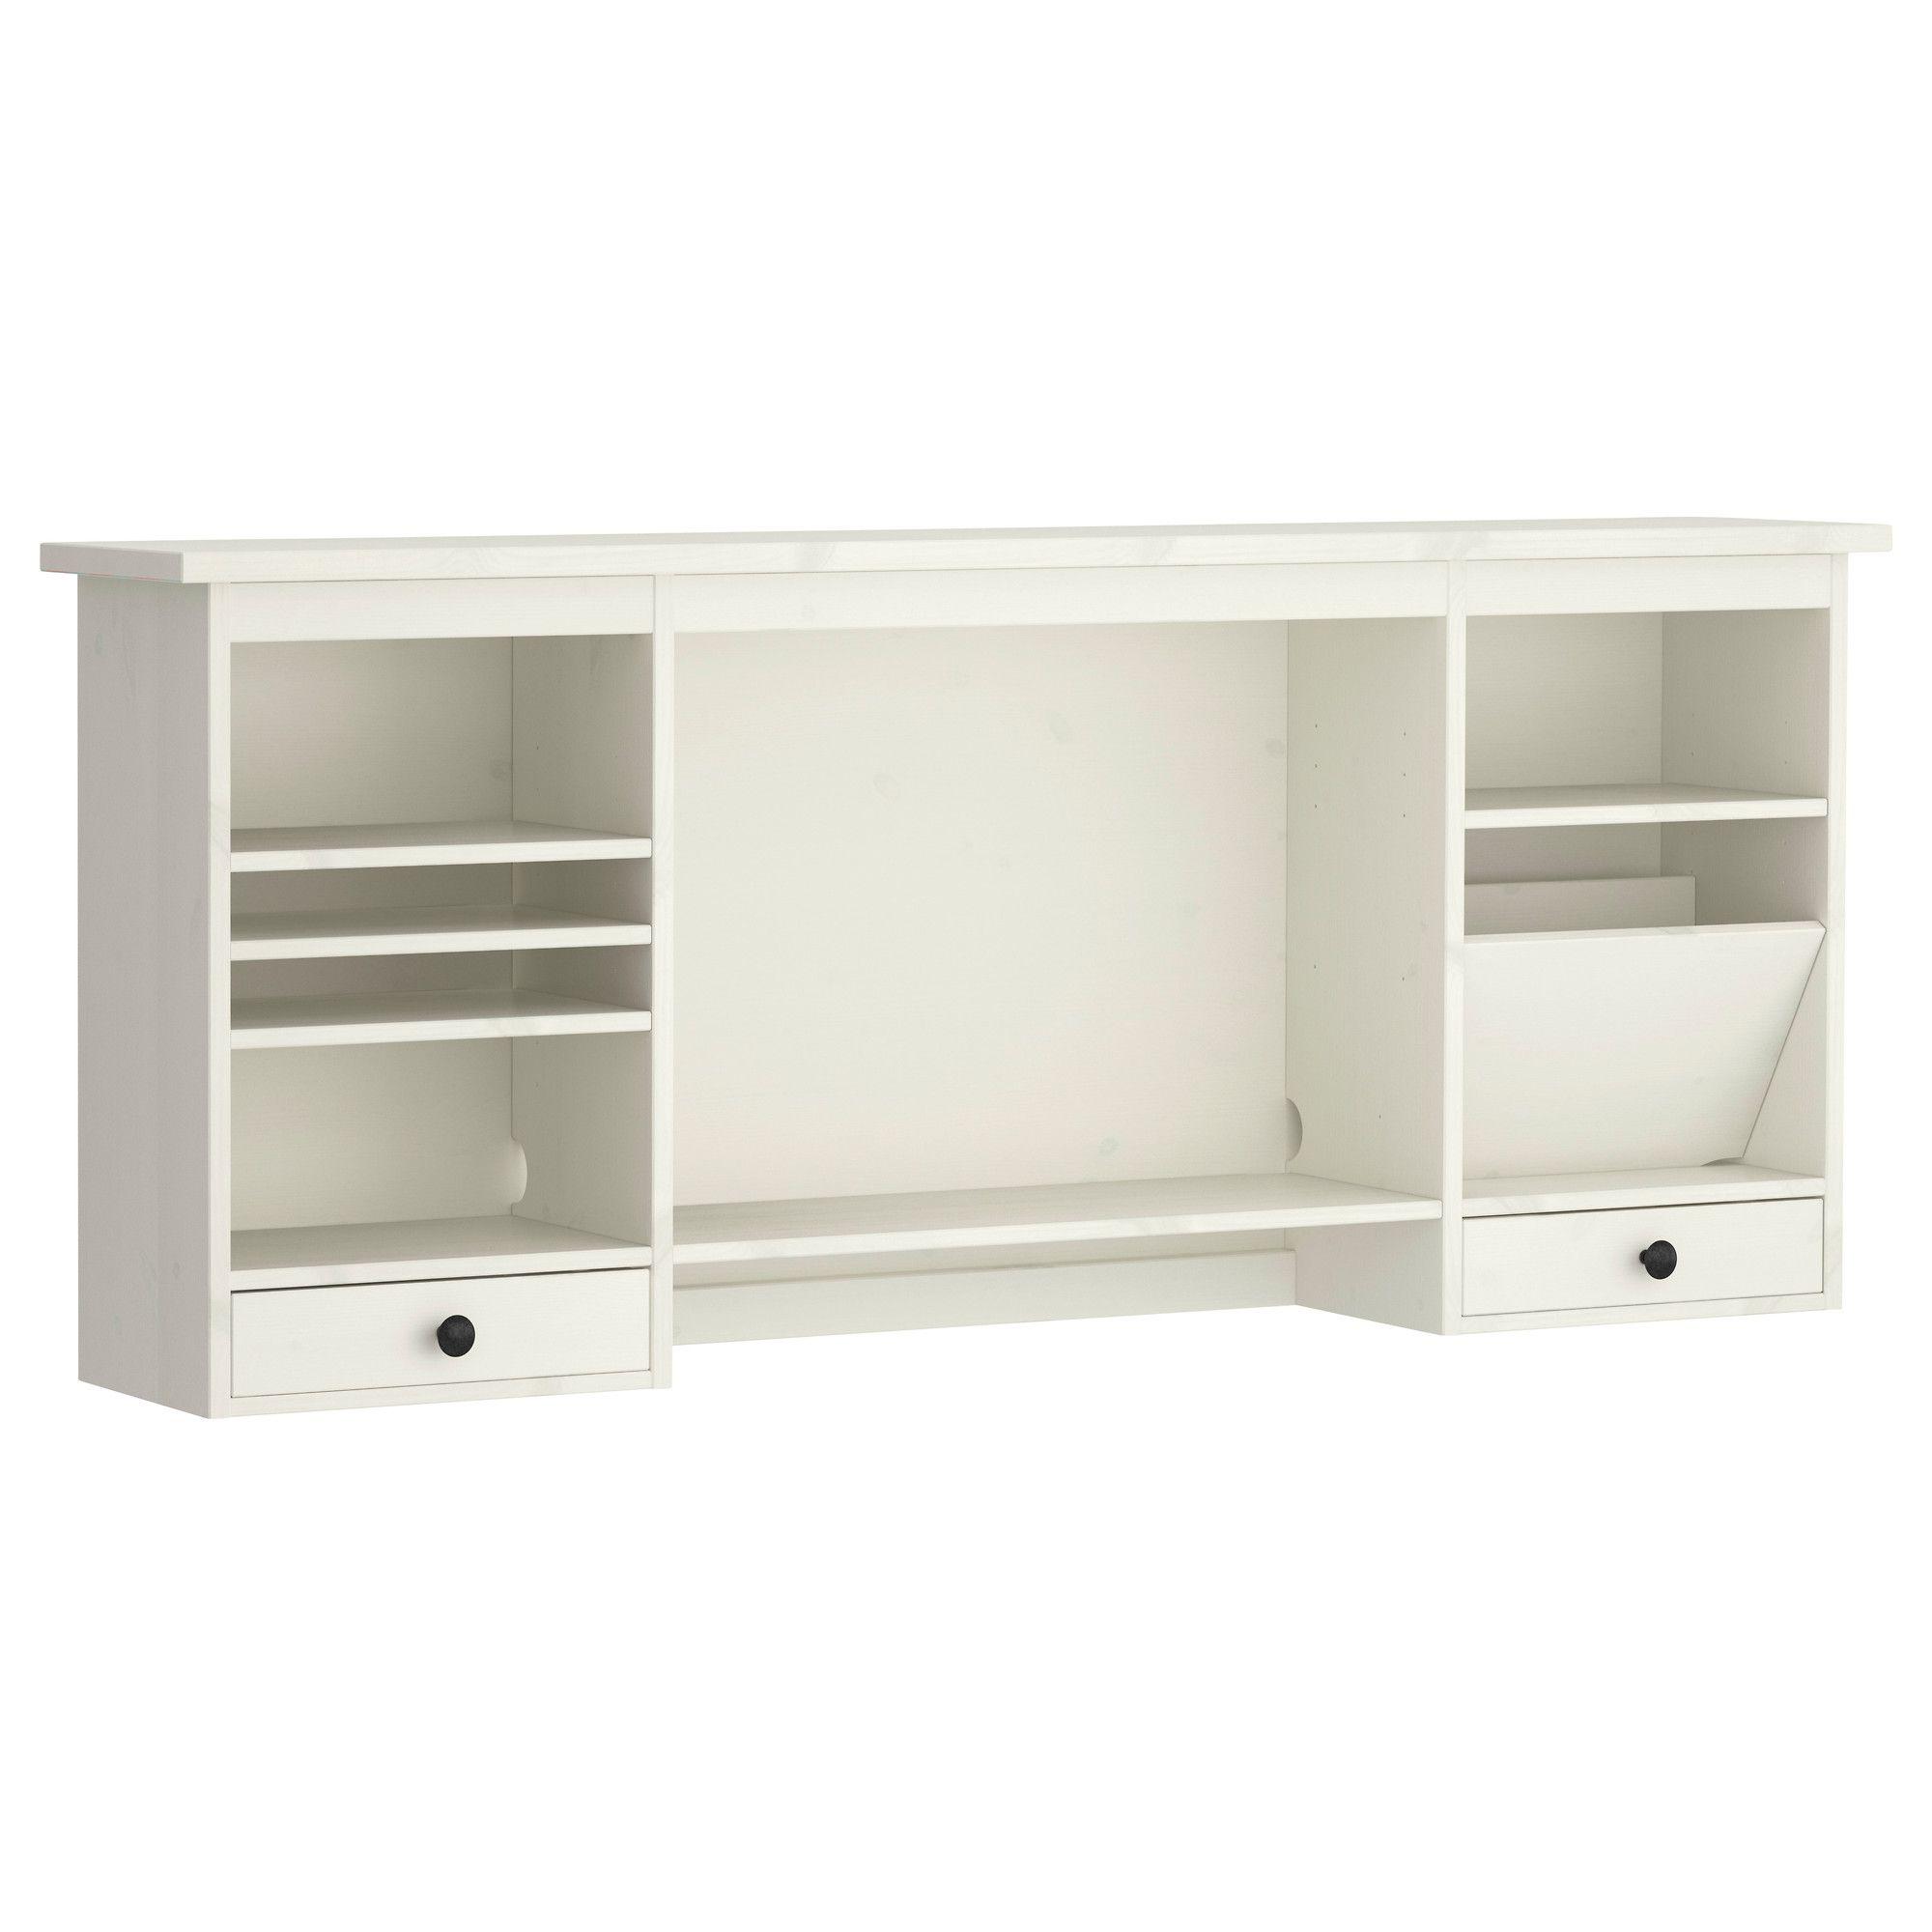 Escritorio Hemnes Irdz Hemnes Add On Unit for Desk White Stain Emma Escritorio Ikea